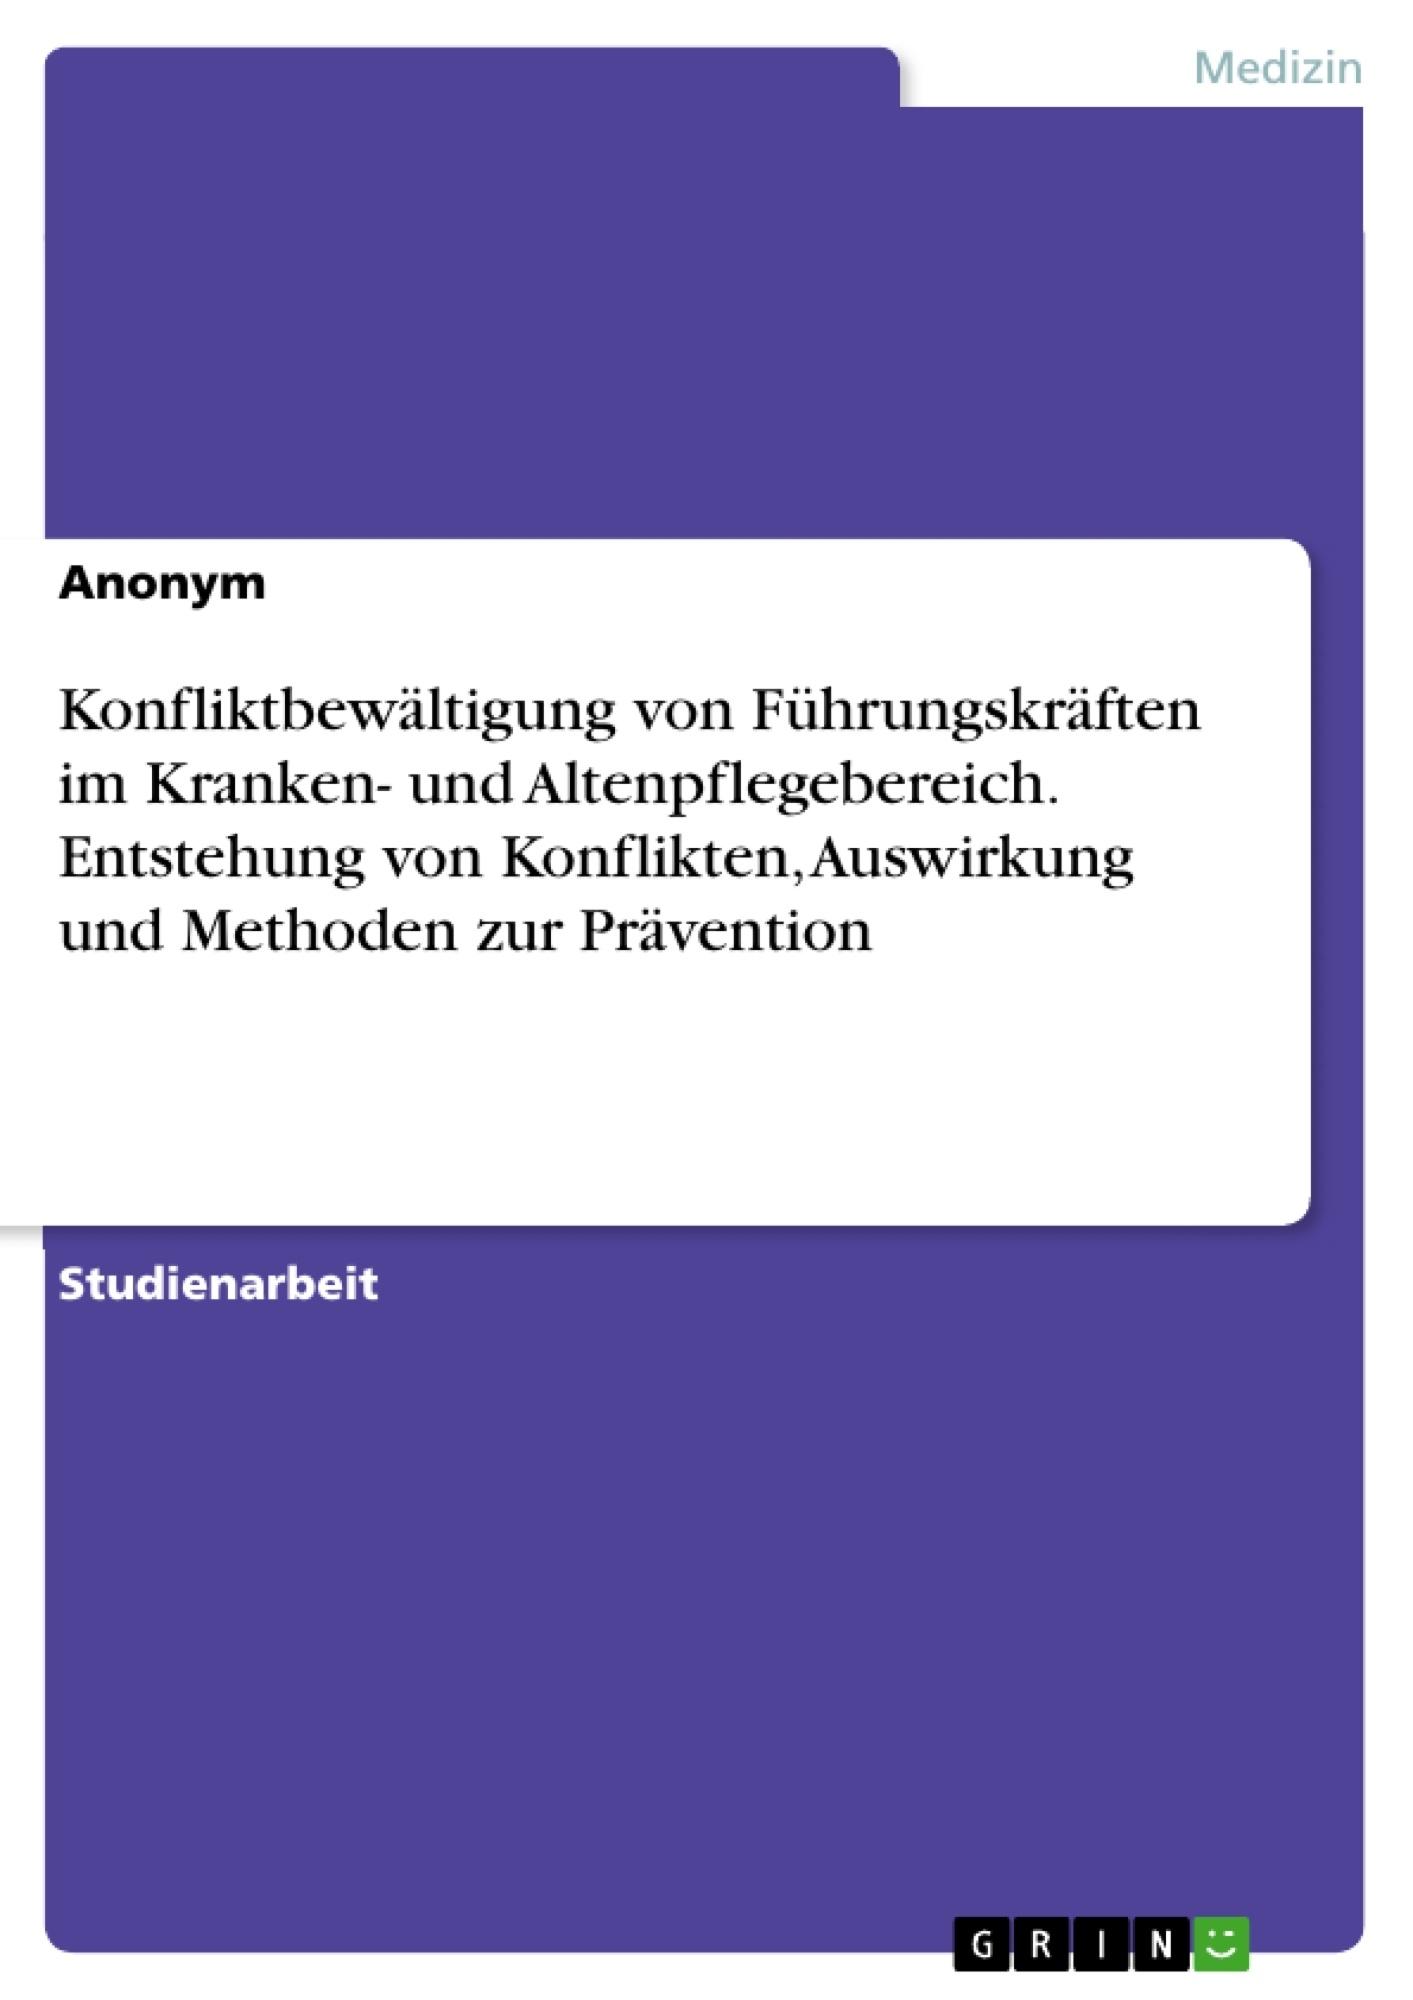 Titel: Konfliktbewältigung von Führungskräften im Kranken- und Altenpflegebereich. Entstehung von Konflikten, Auswirkung und Methoden zur Prävention